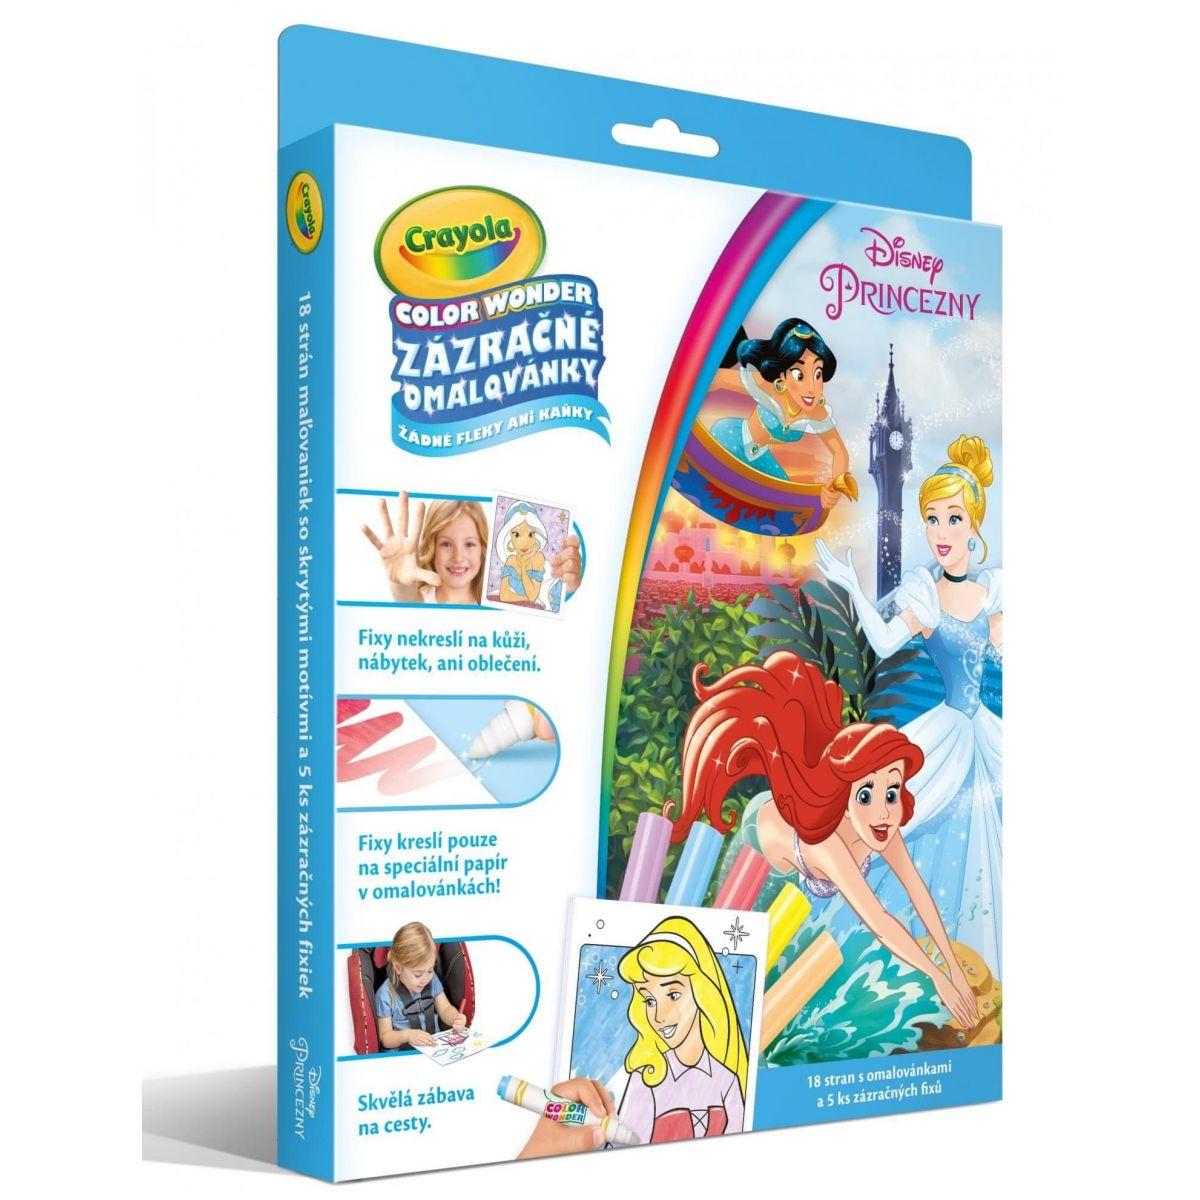 Crayola Zázračné maľovanky Disney Princezné